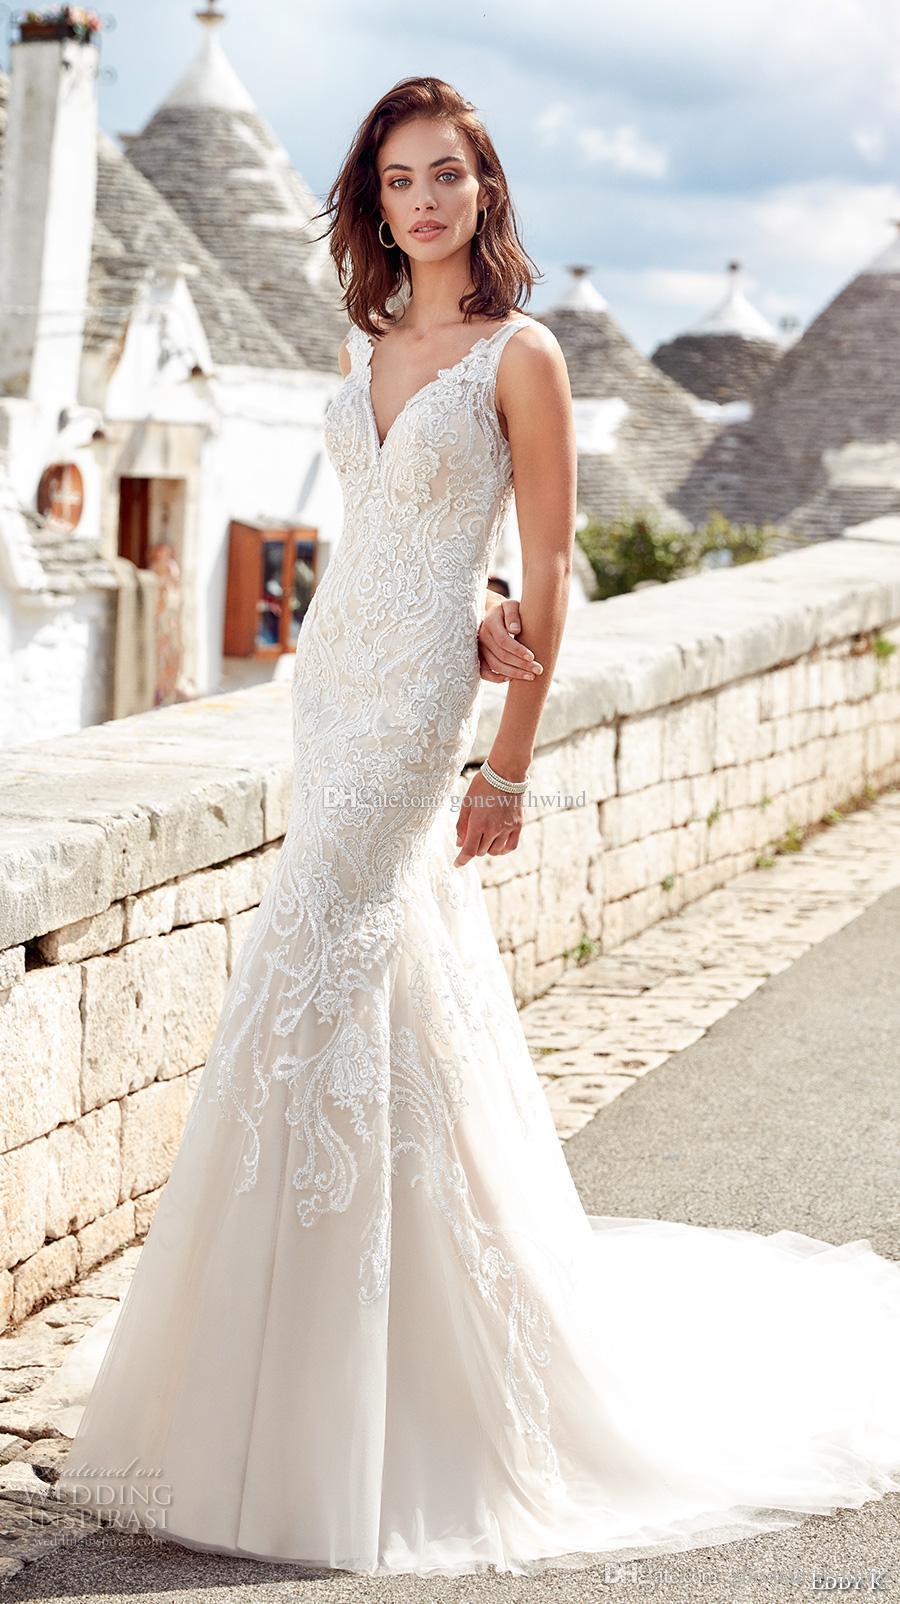 Atemberaubend Hawaiische Brautkleider Bilder - Brautkleider Ideen ...